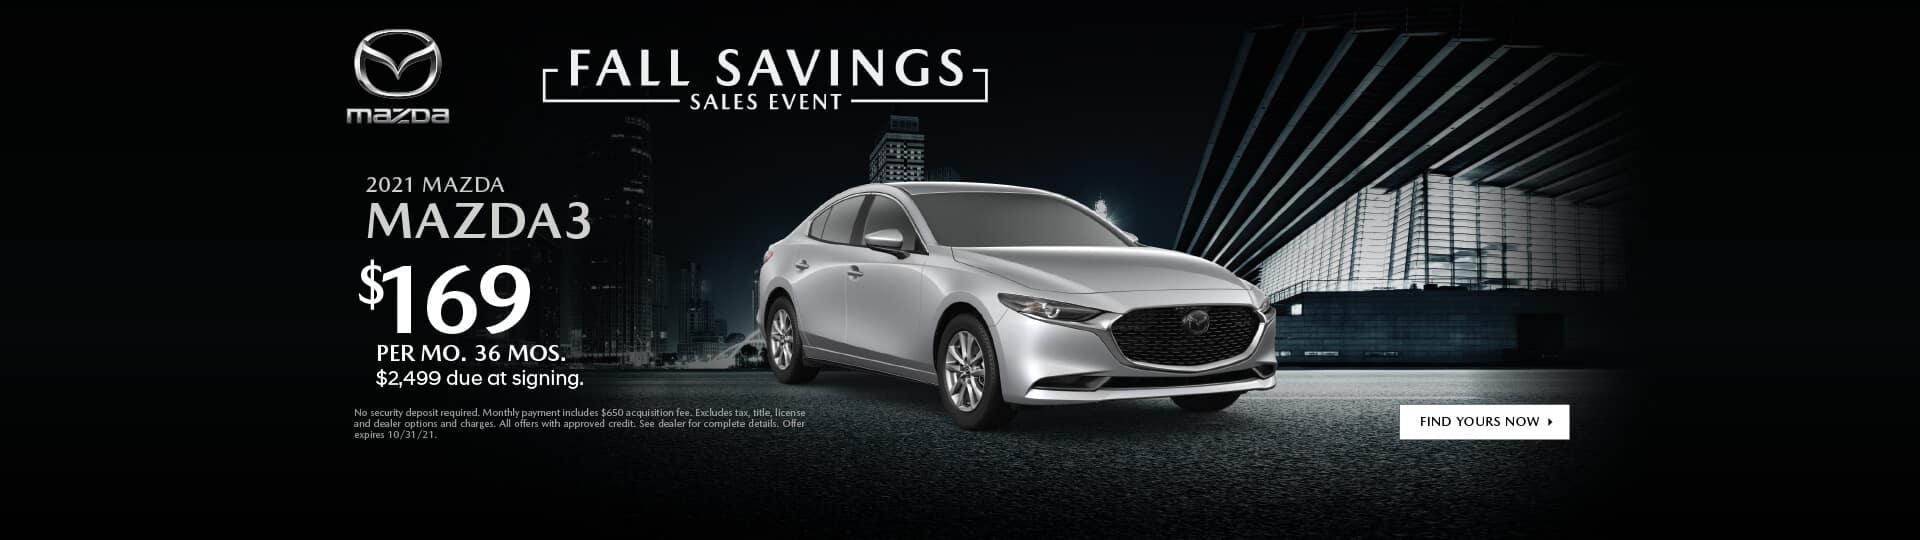 2021.08.27-Keffer-Mazda-SEPT-OCT-Web-Banners-S53876vw-6